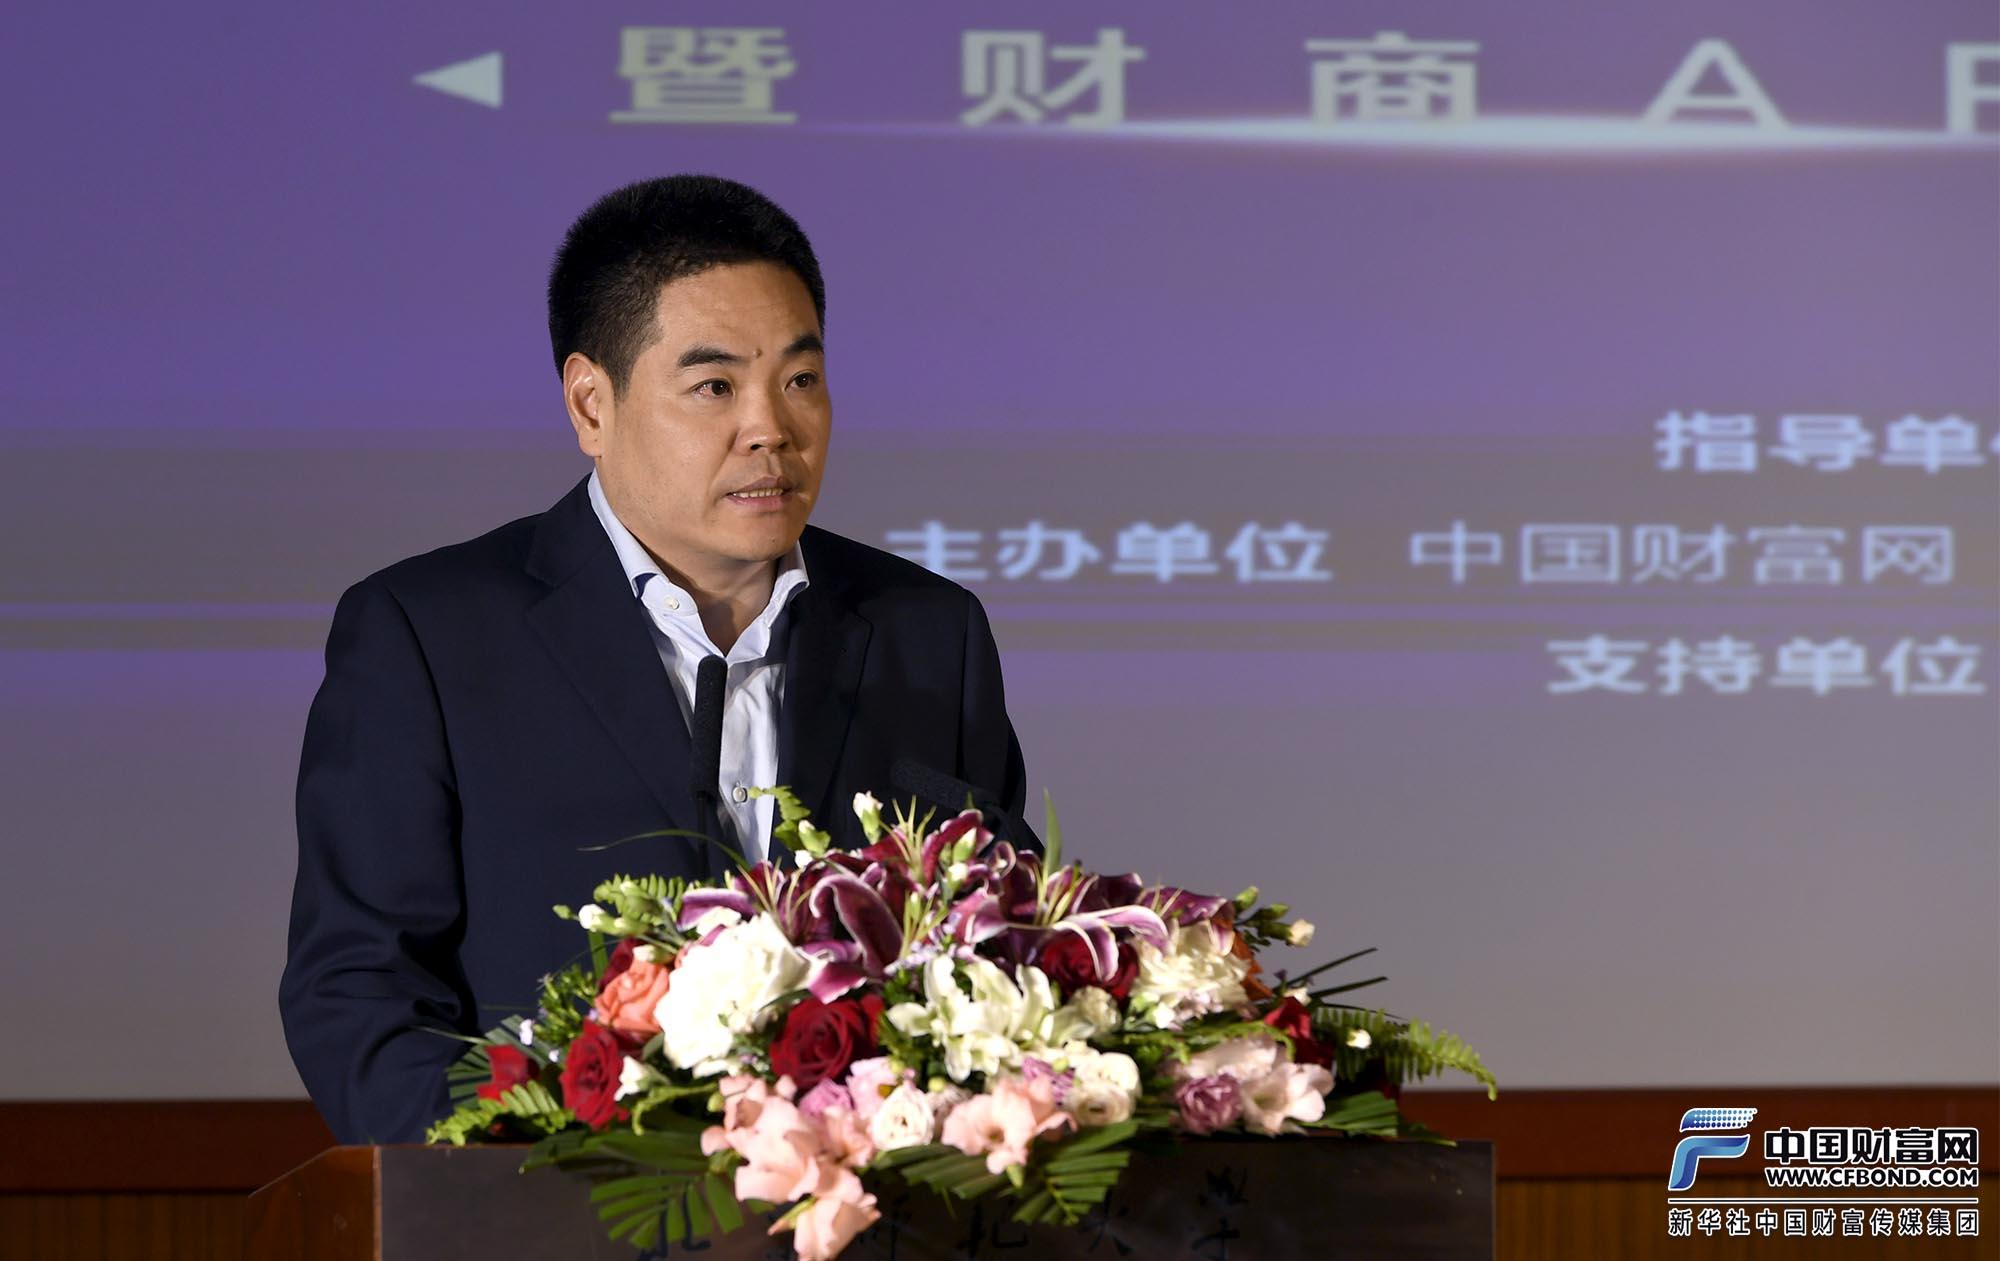 中国财富传媒集团党委书记、董事长葛玮致辞